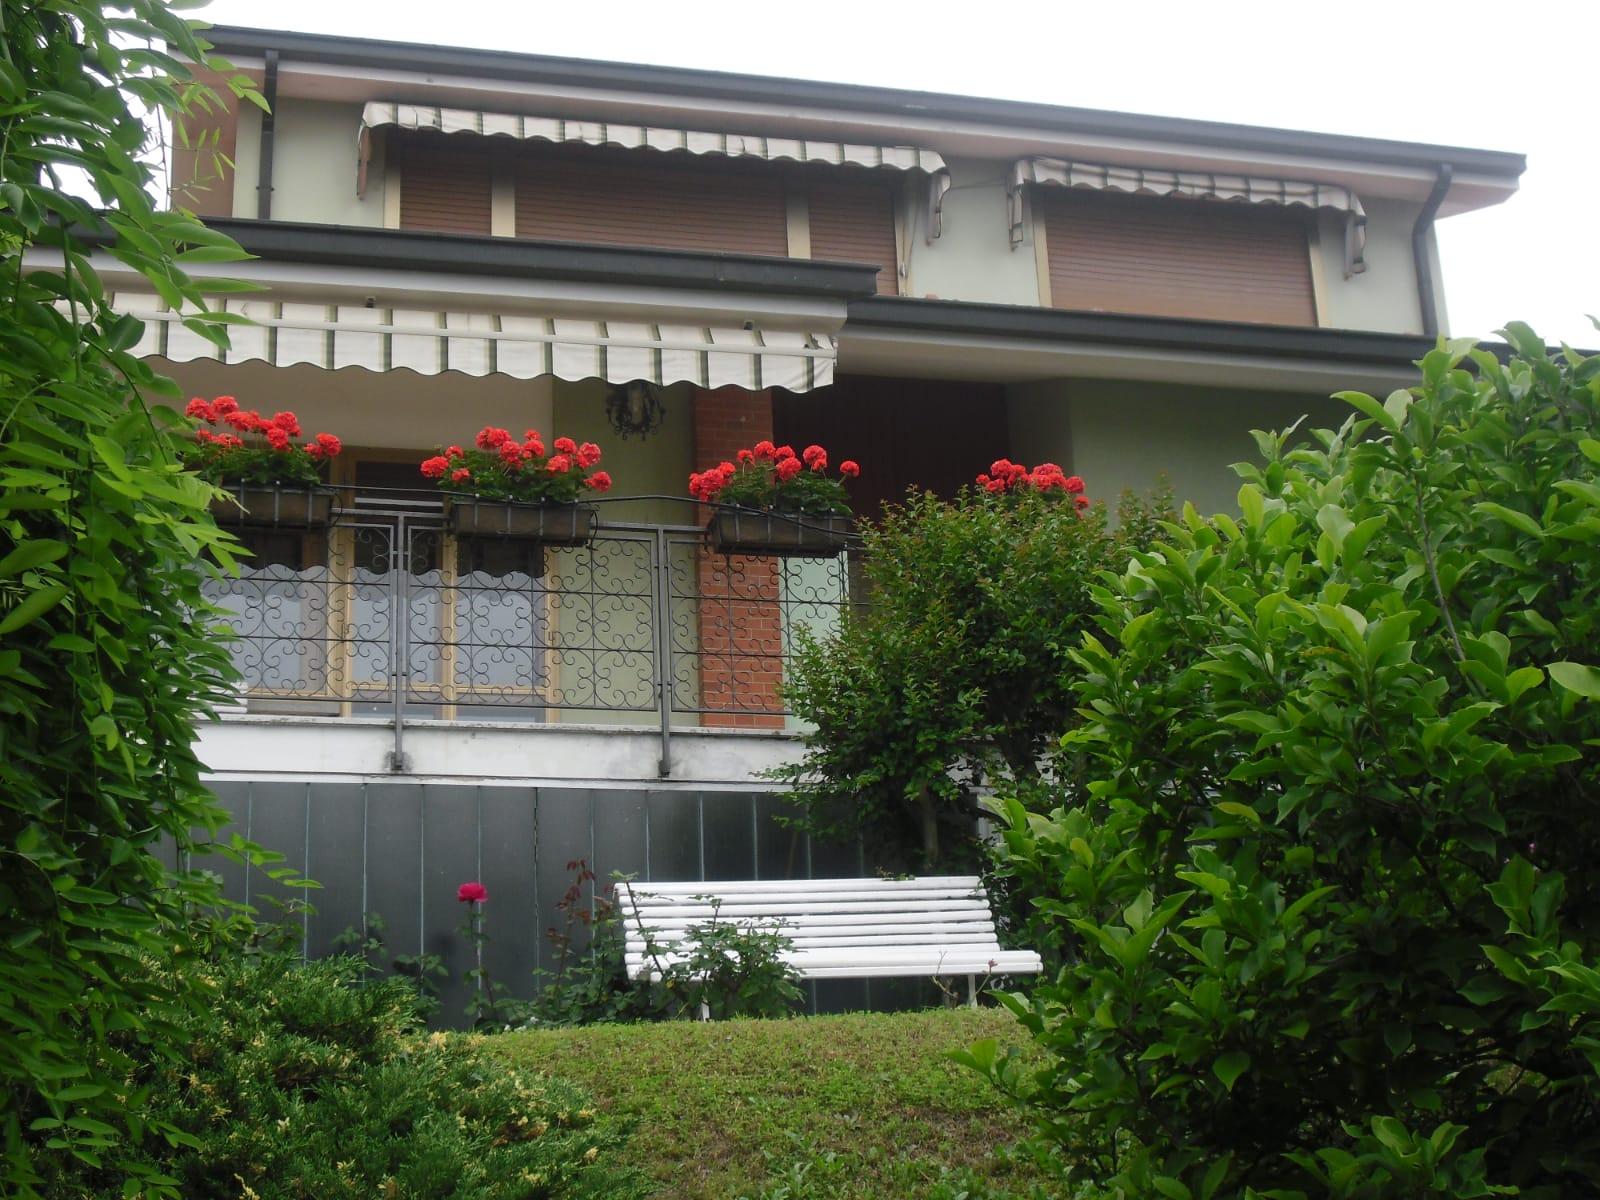 VILLA BIFAMILIARE Caselette, panoramica